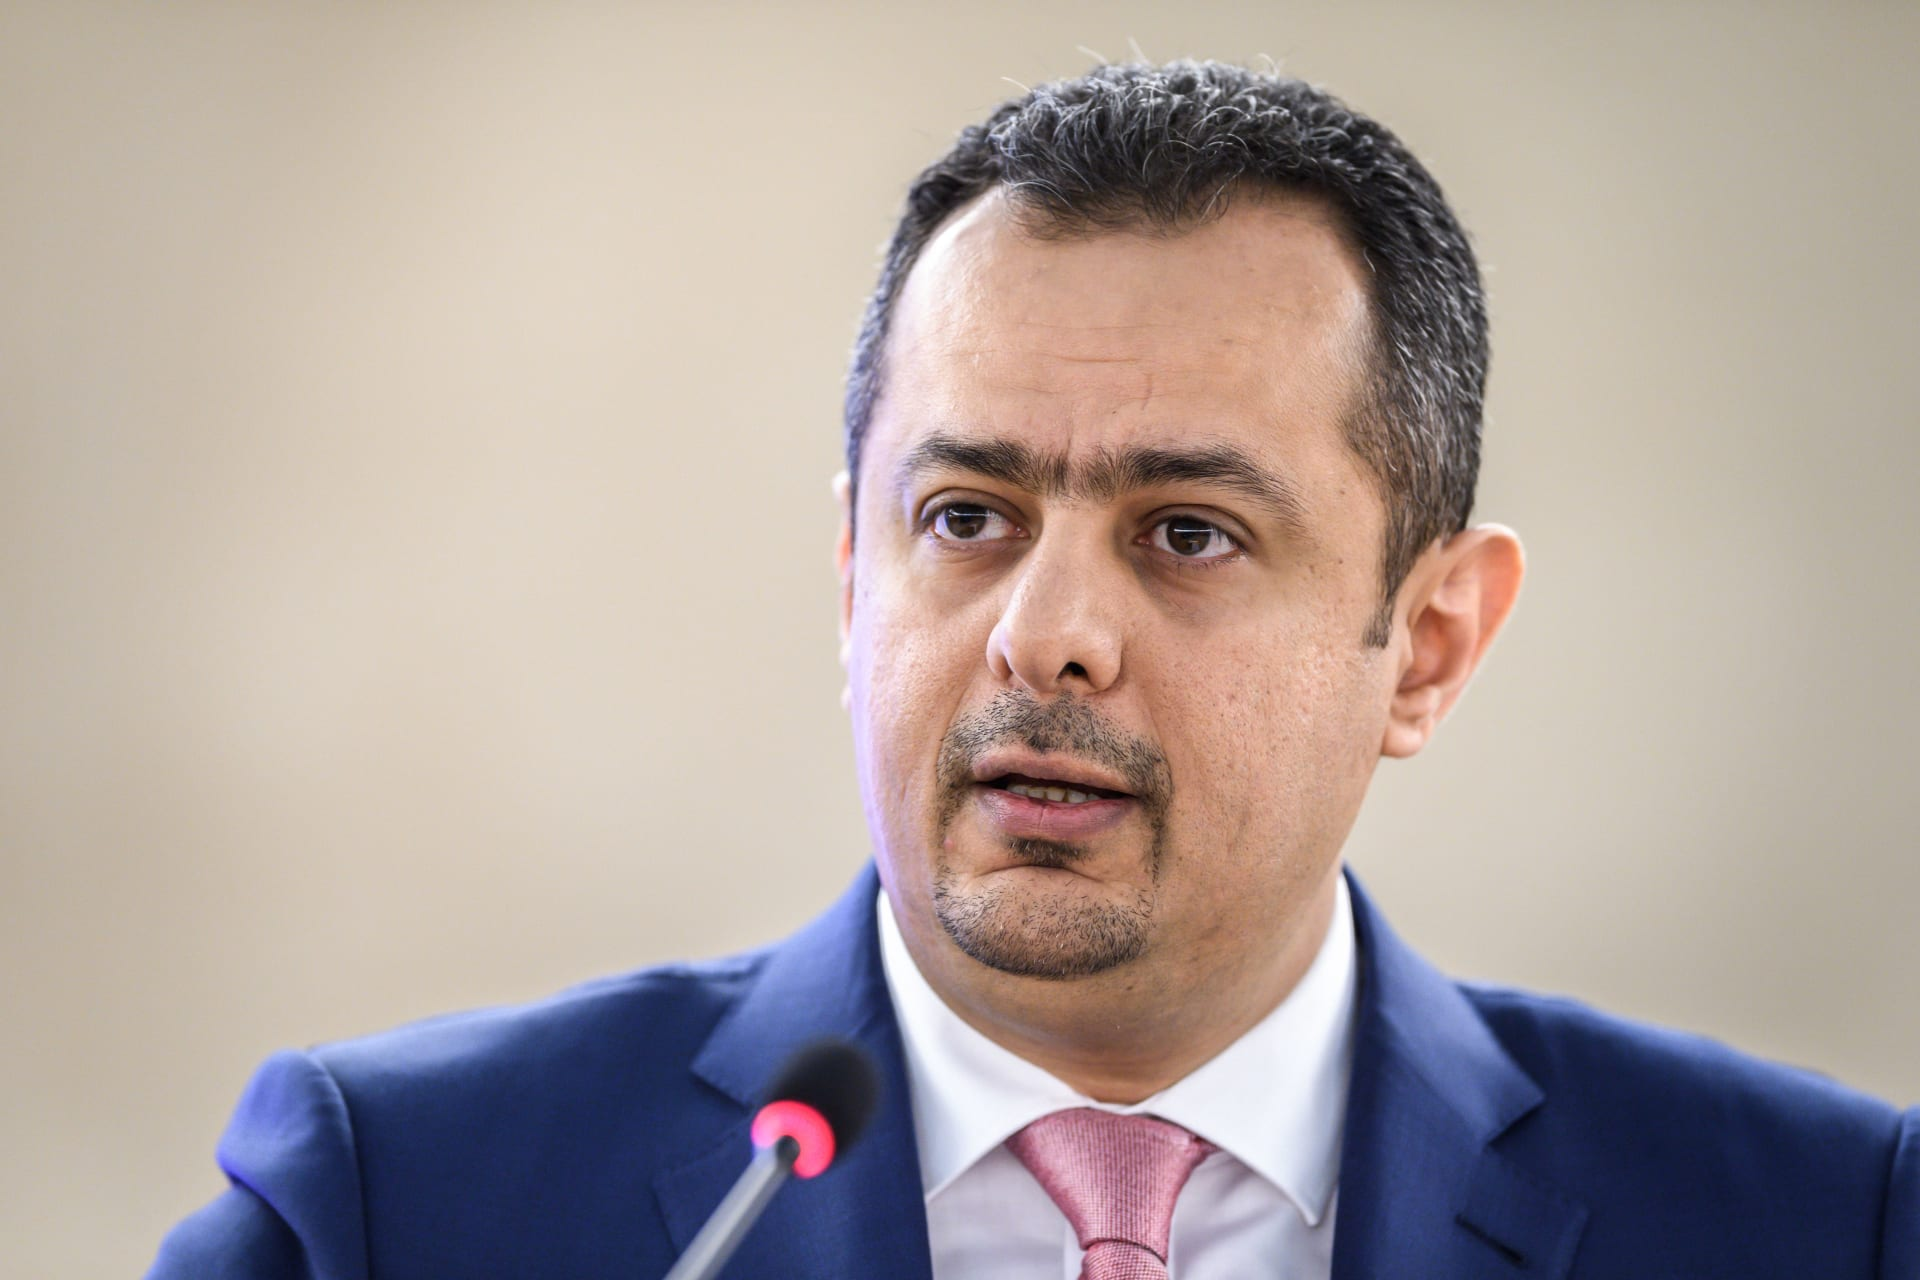 """قطر ترد على اتهام رئيس الوزراء اليمني لها بدعم الحوثيين: """"صراعات لا ناقة له فيها ولا جمل"""""""